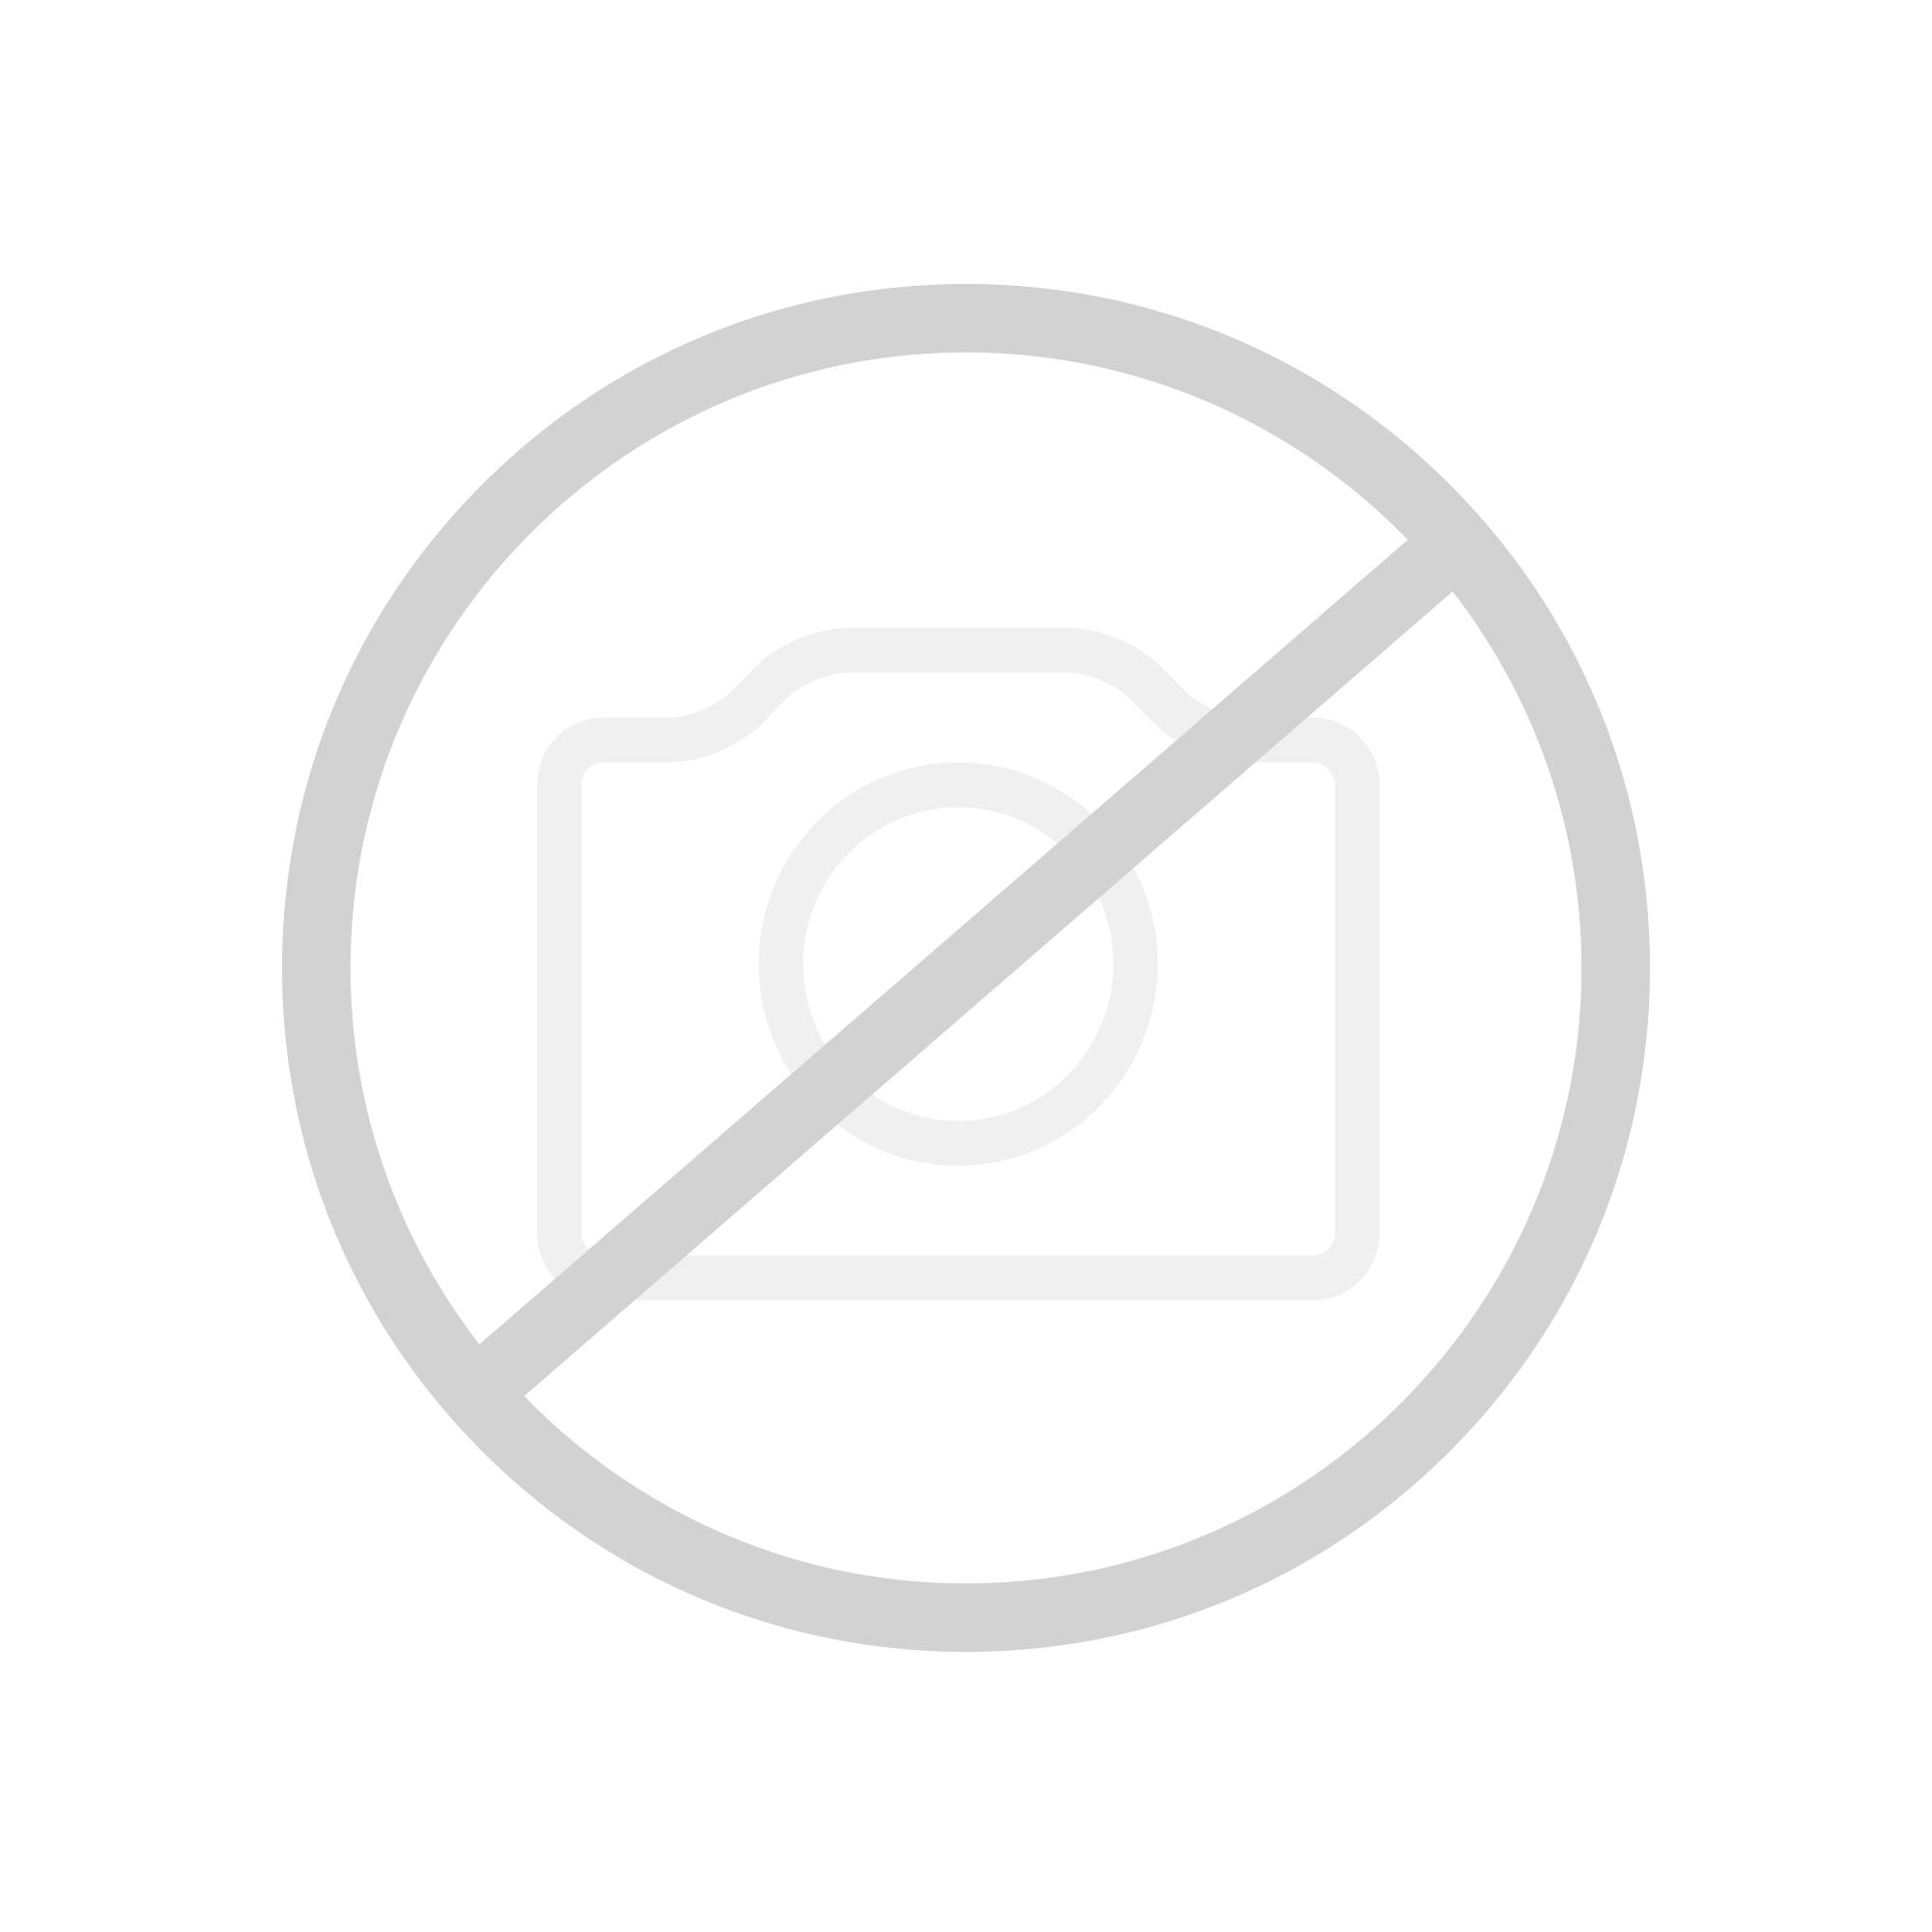 Schneider CAPELINE Spiegelschrank B: 100 H: 80 T: 15 cm, 3 Türen